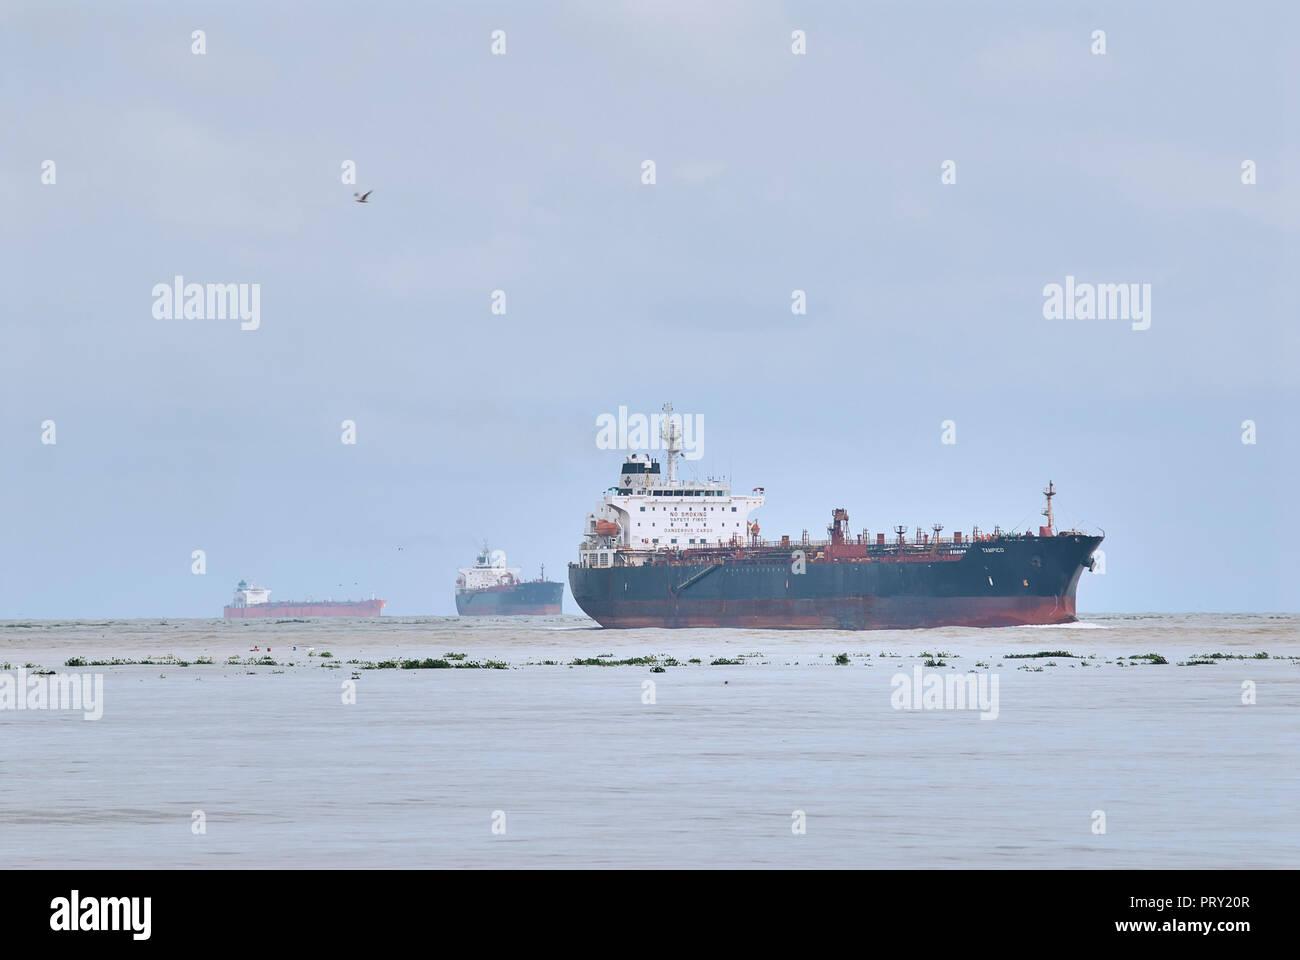 """COATZACOALCOS, VER/México - Septiembre 28, 2018: """"Tampico"""" buque cisterna para productos químicos y petróleo entra en el río a los pajaritos terminal logística Foto de stock"""